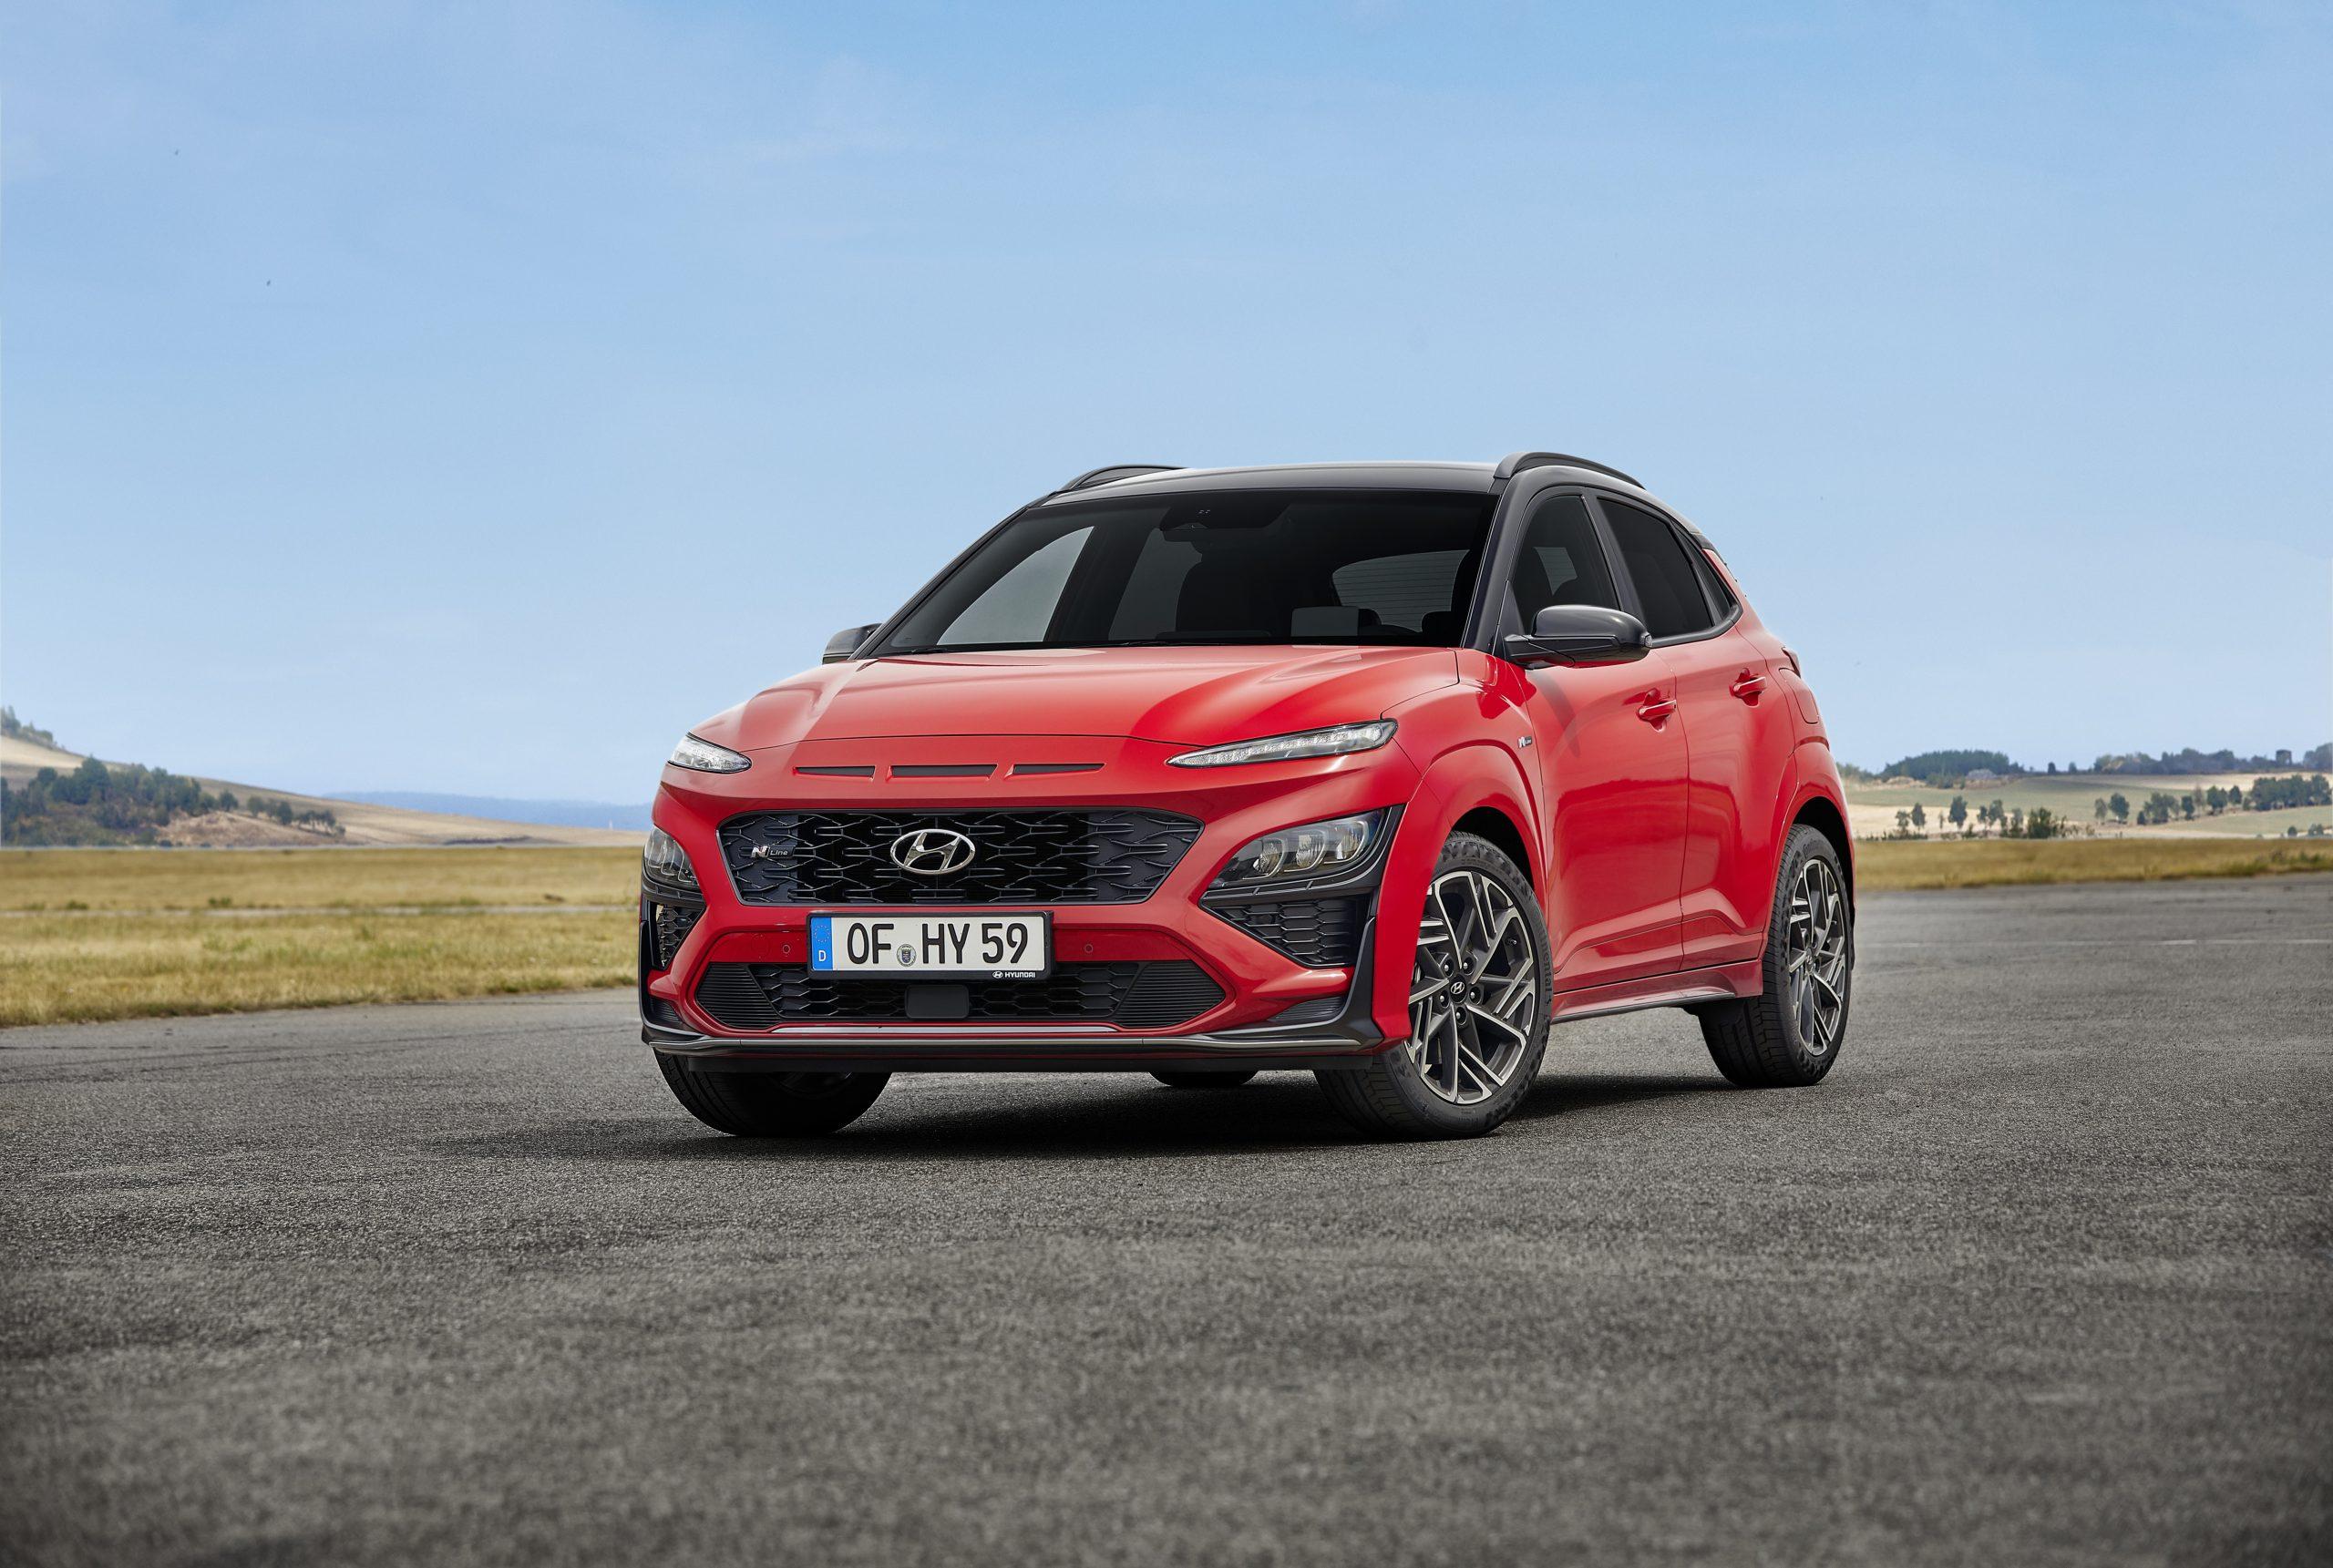 NUOVA Hyundai Kona Hybrid tua a 20.900€ con VANTAGGI ROTTAMAZIONE